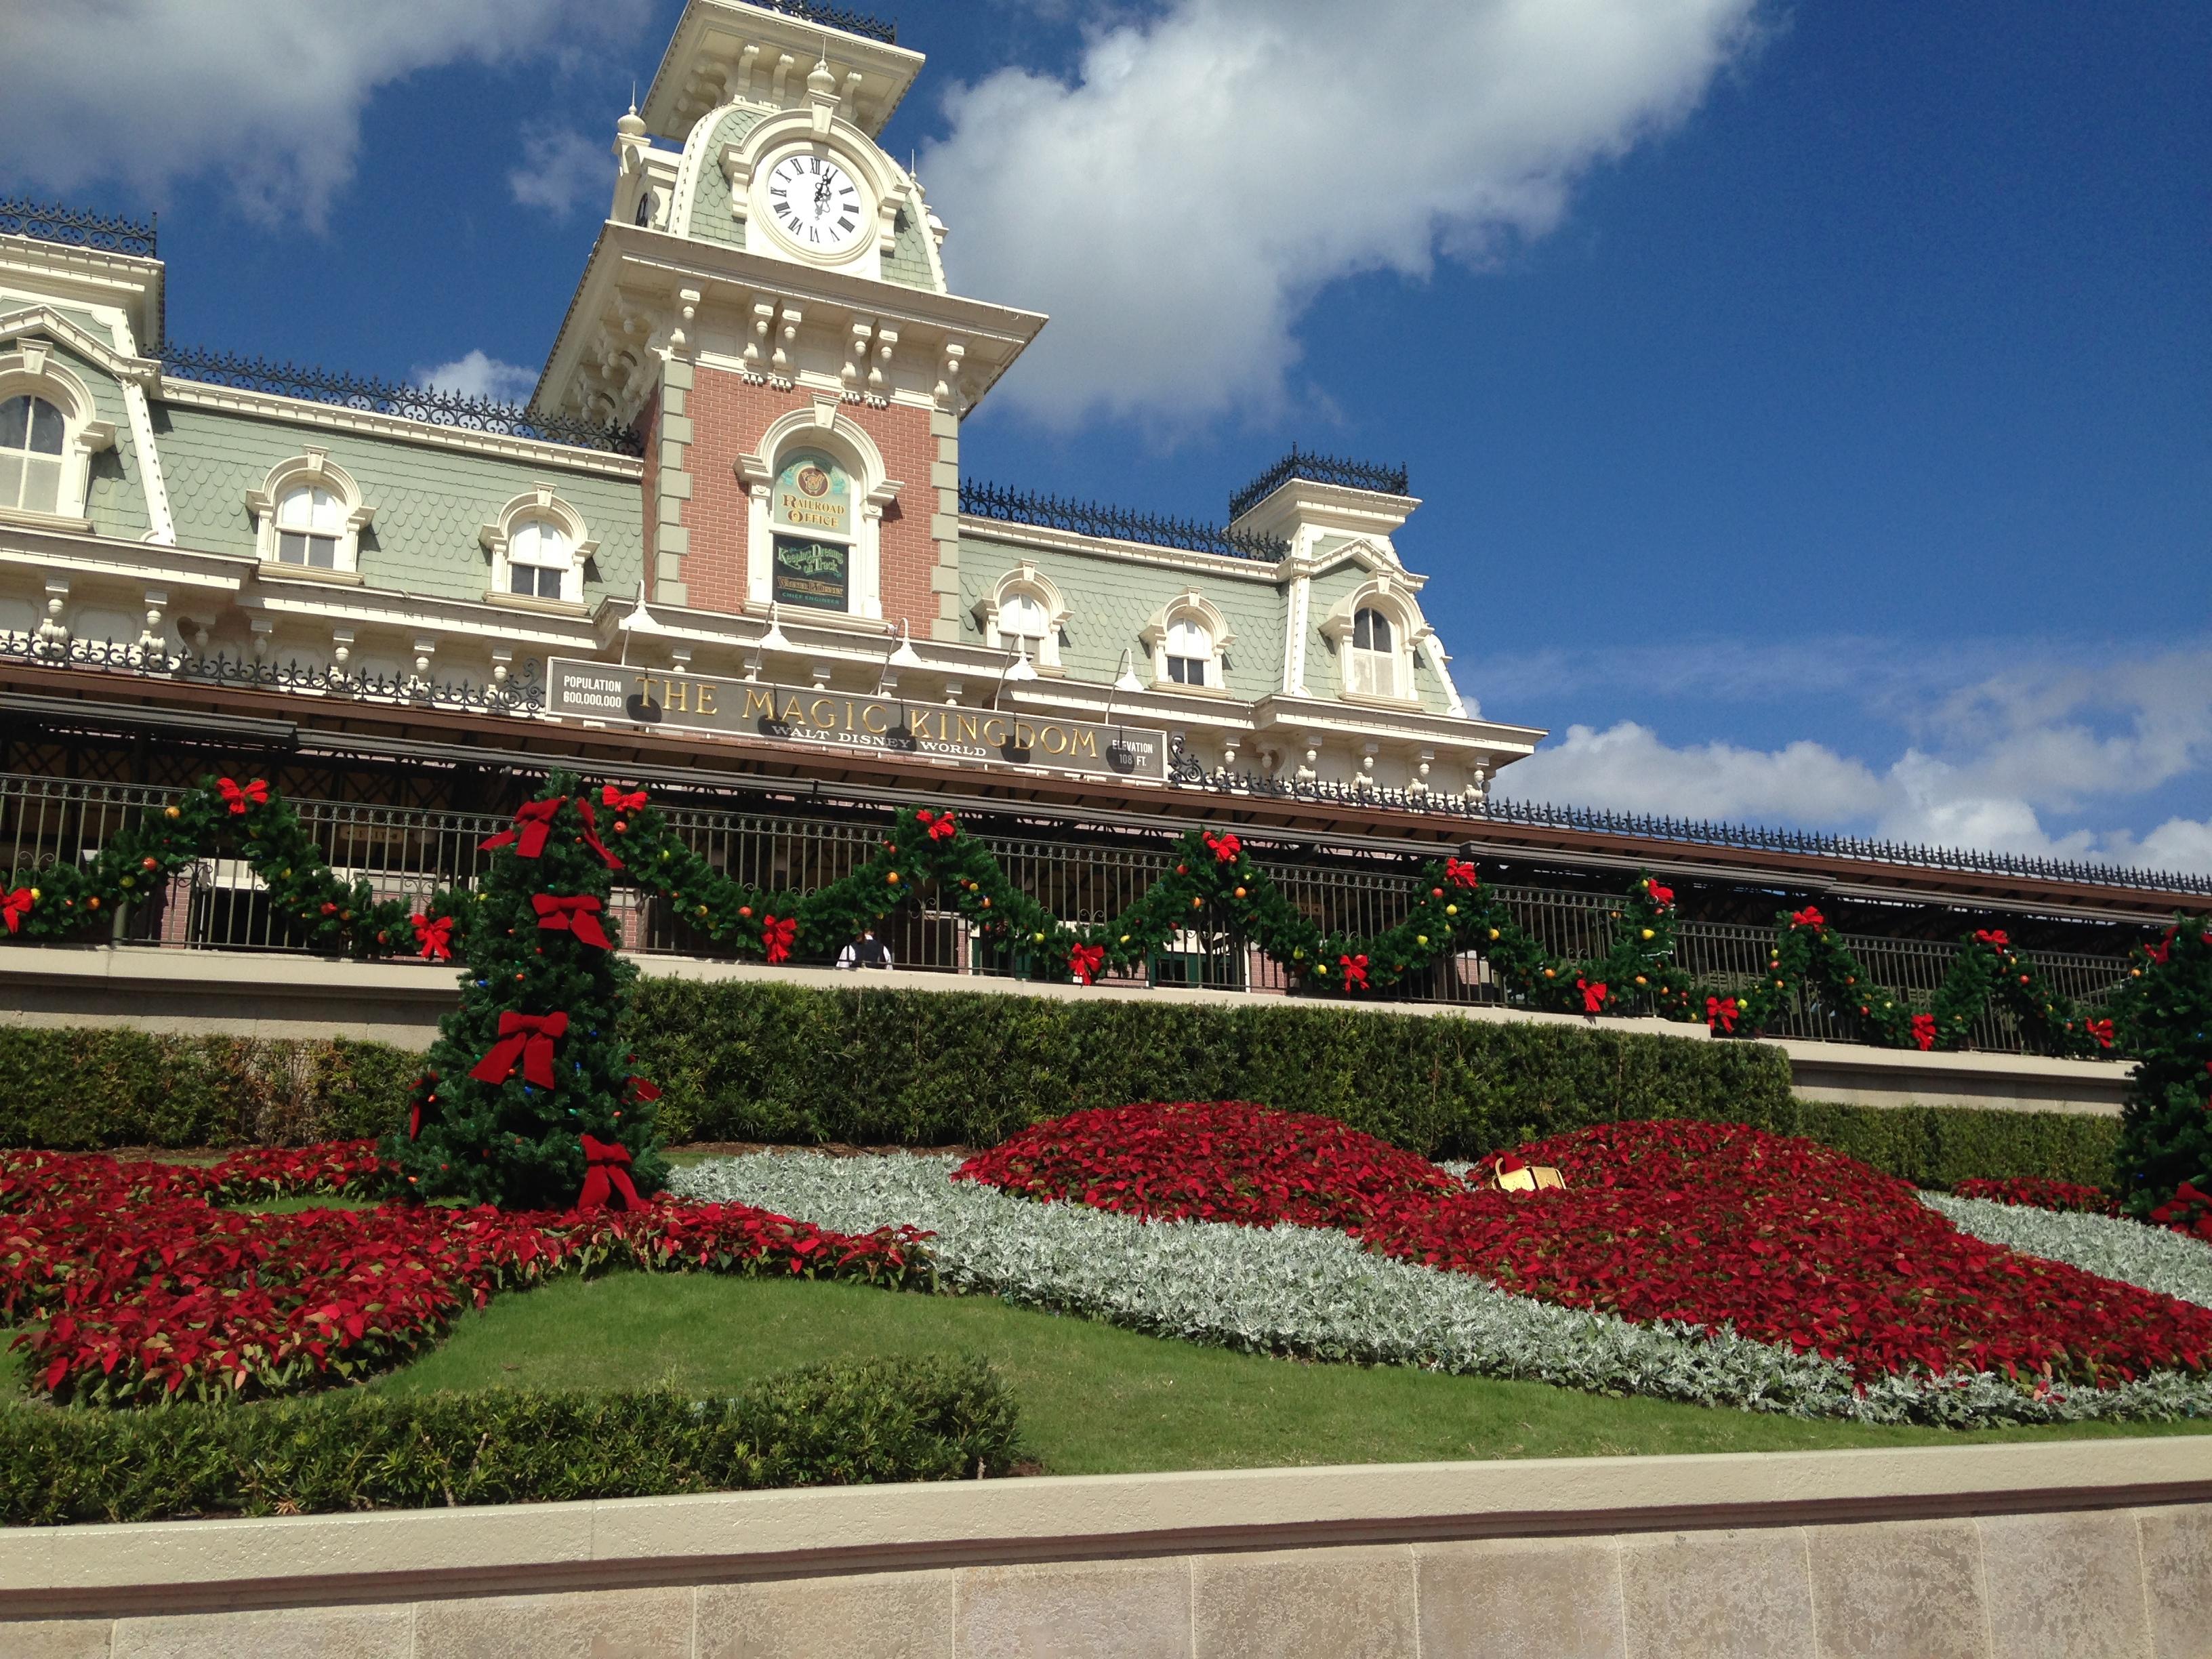 disney parks christmas day parade magic kingdom rikki niblett - Disney Christmas Day Parade